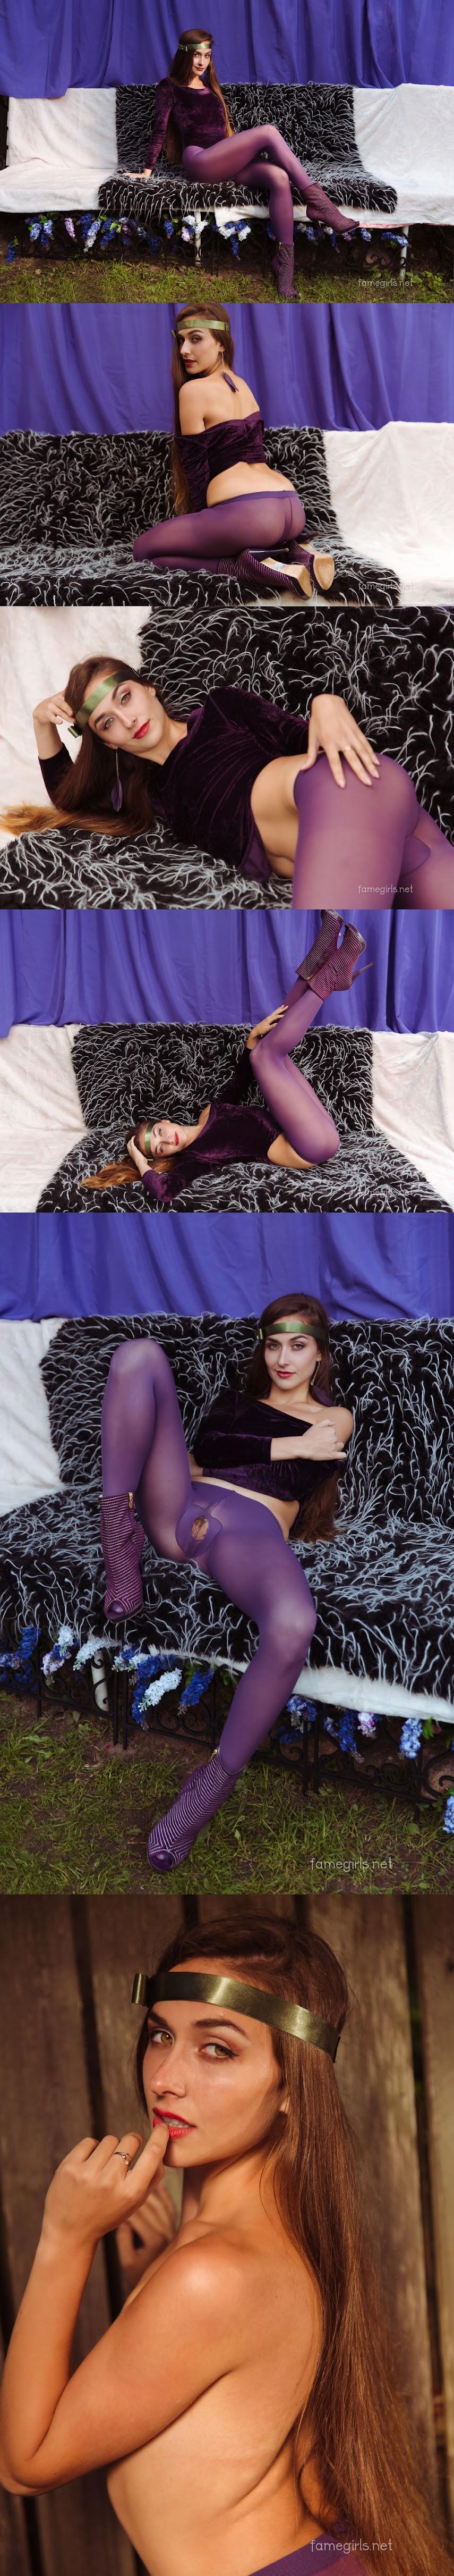 FameGirls Nora- 001 x1103840x5760 - Girlsdelta